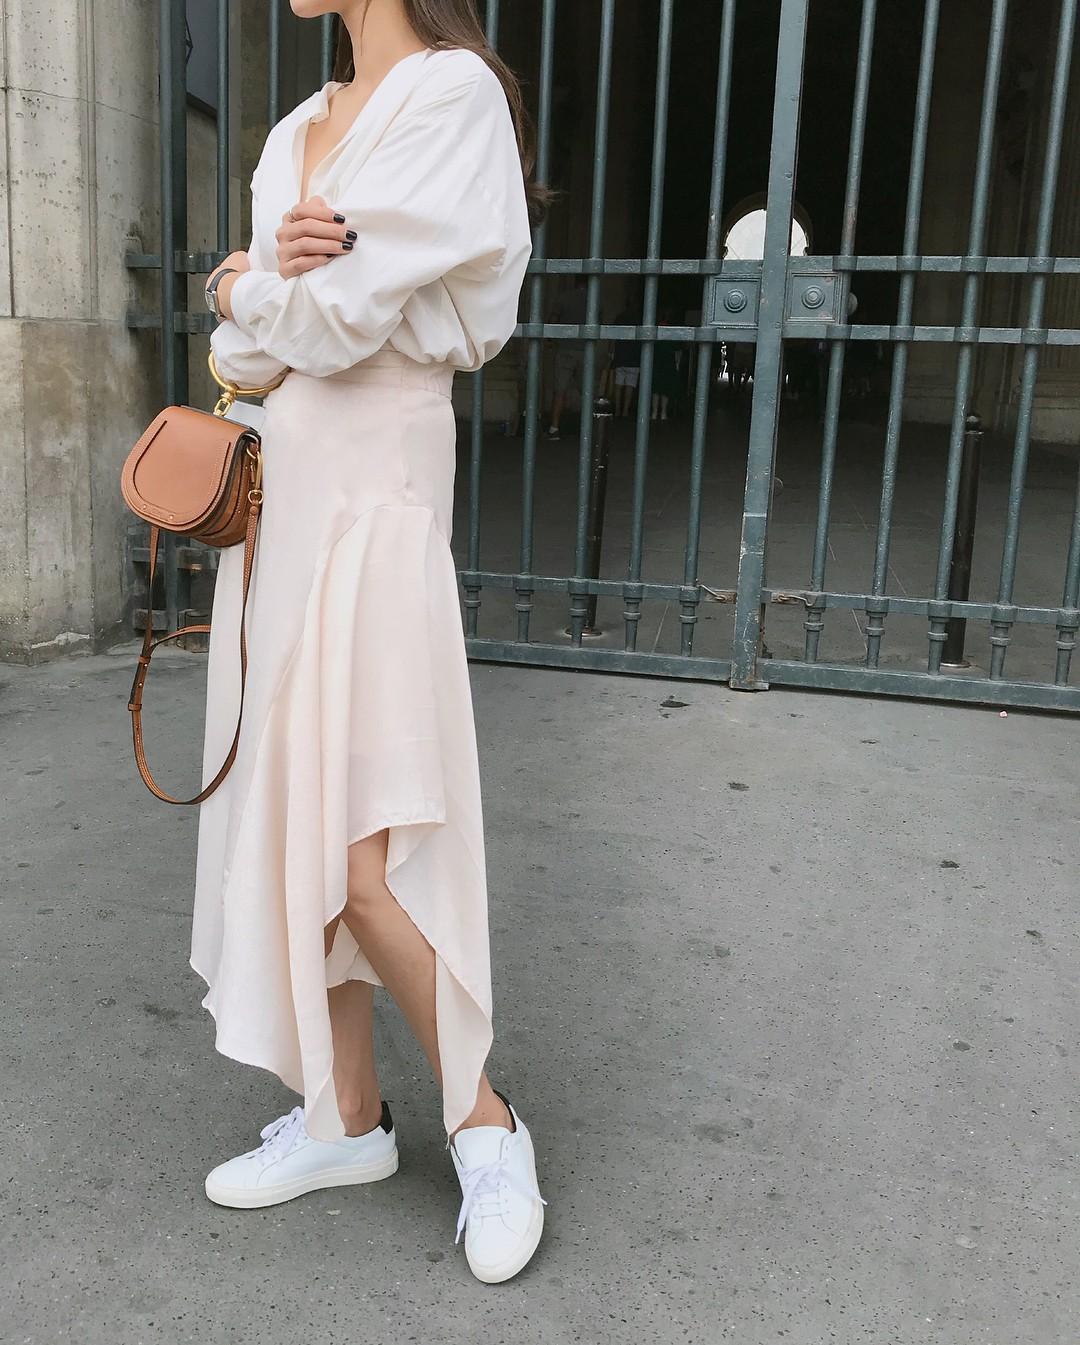 20 gợi ý cho thấy sneakers trắng chính là đôi giày thiên biến vạn hóa đẹp quên sầu với đủ mọi set đồ - Ảnh 17.